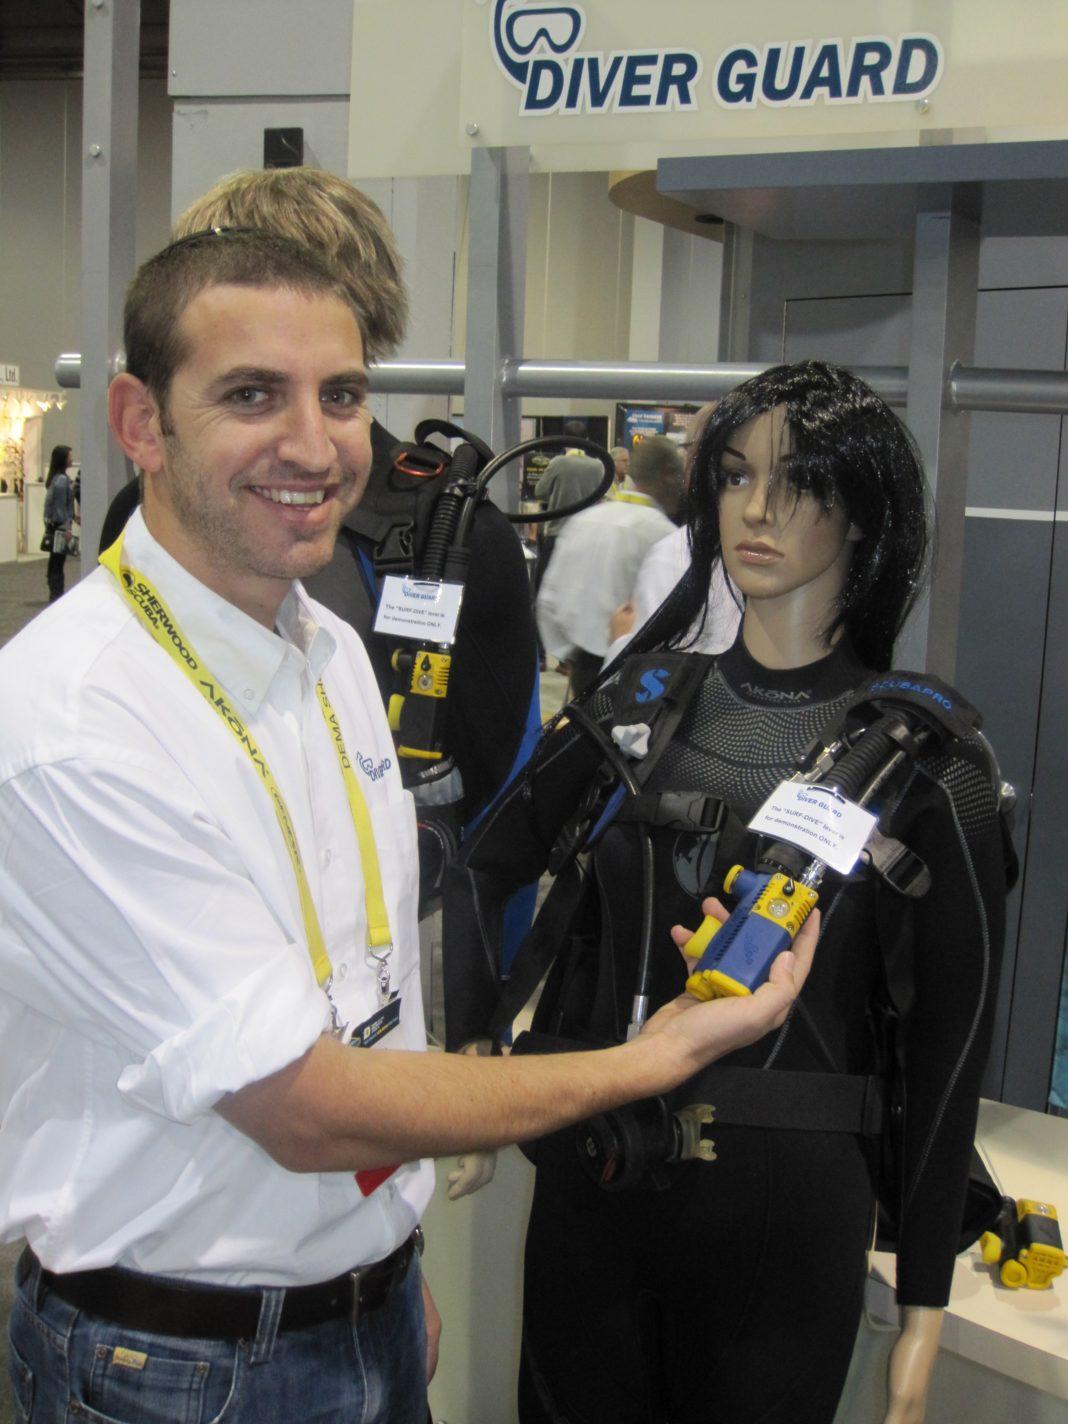 DEMA Show 2012: DiverGuard Unveils Cutting Edge Diver Safety Device 3